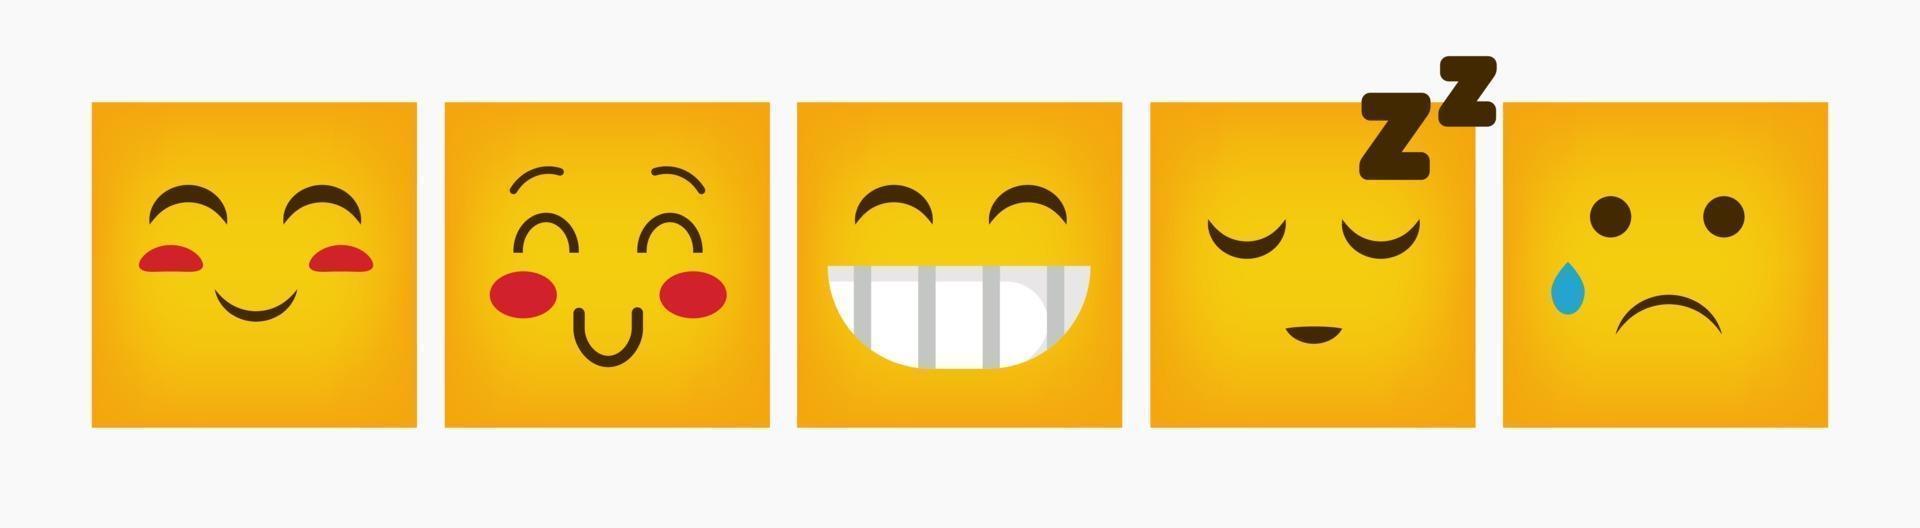 set piatto di reazione quadrata design emoticon vettore